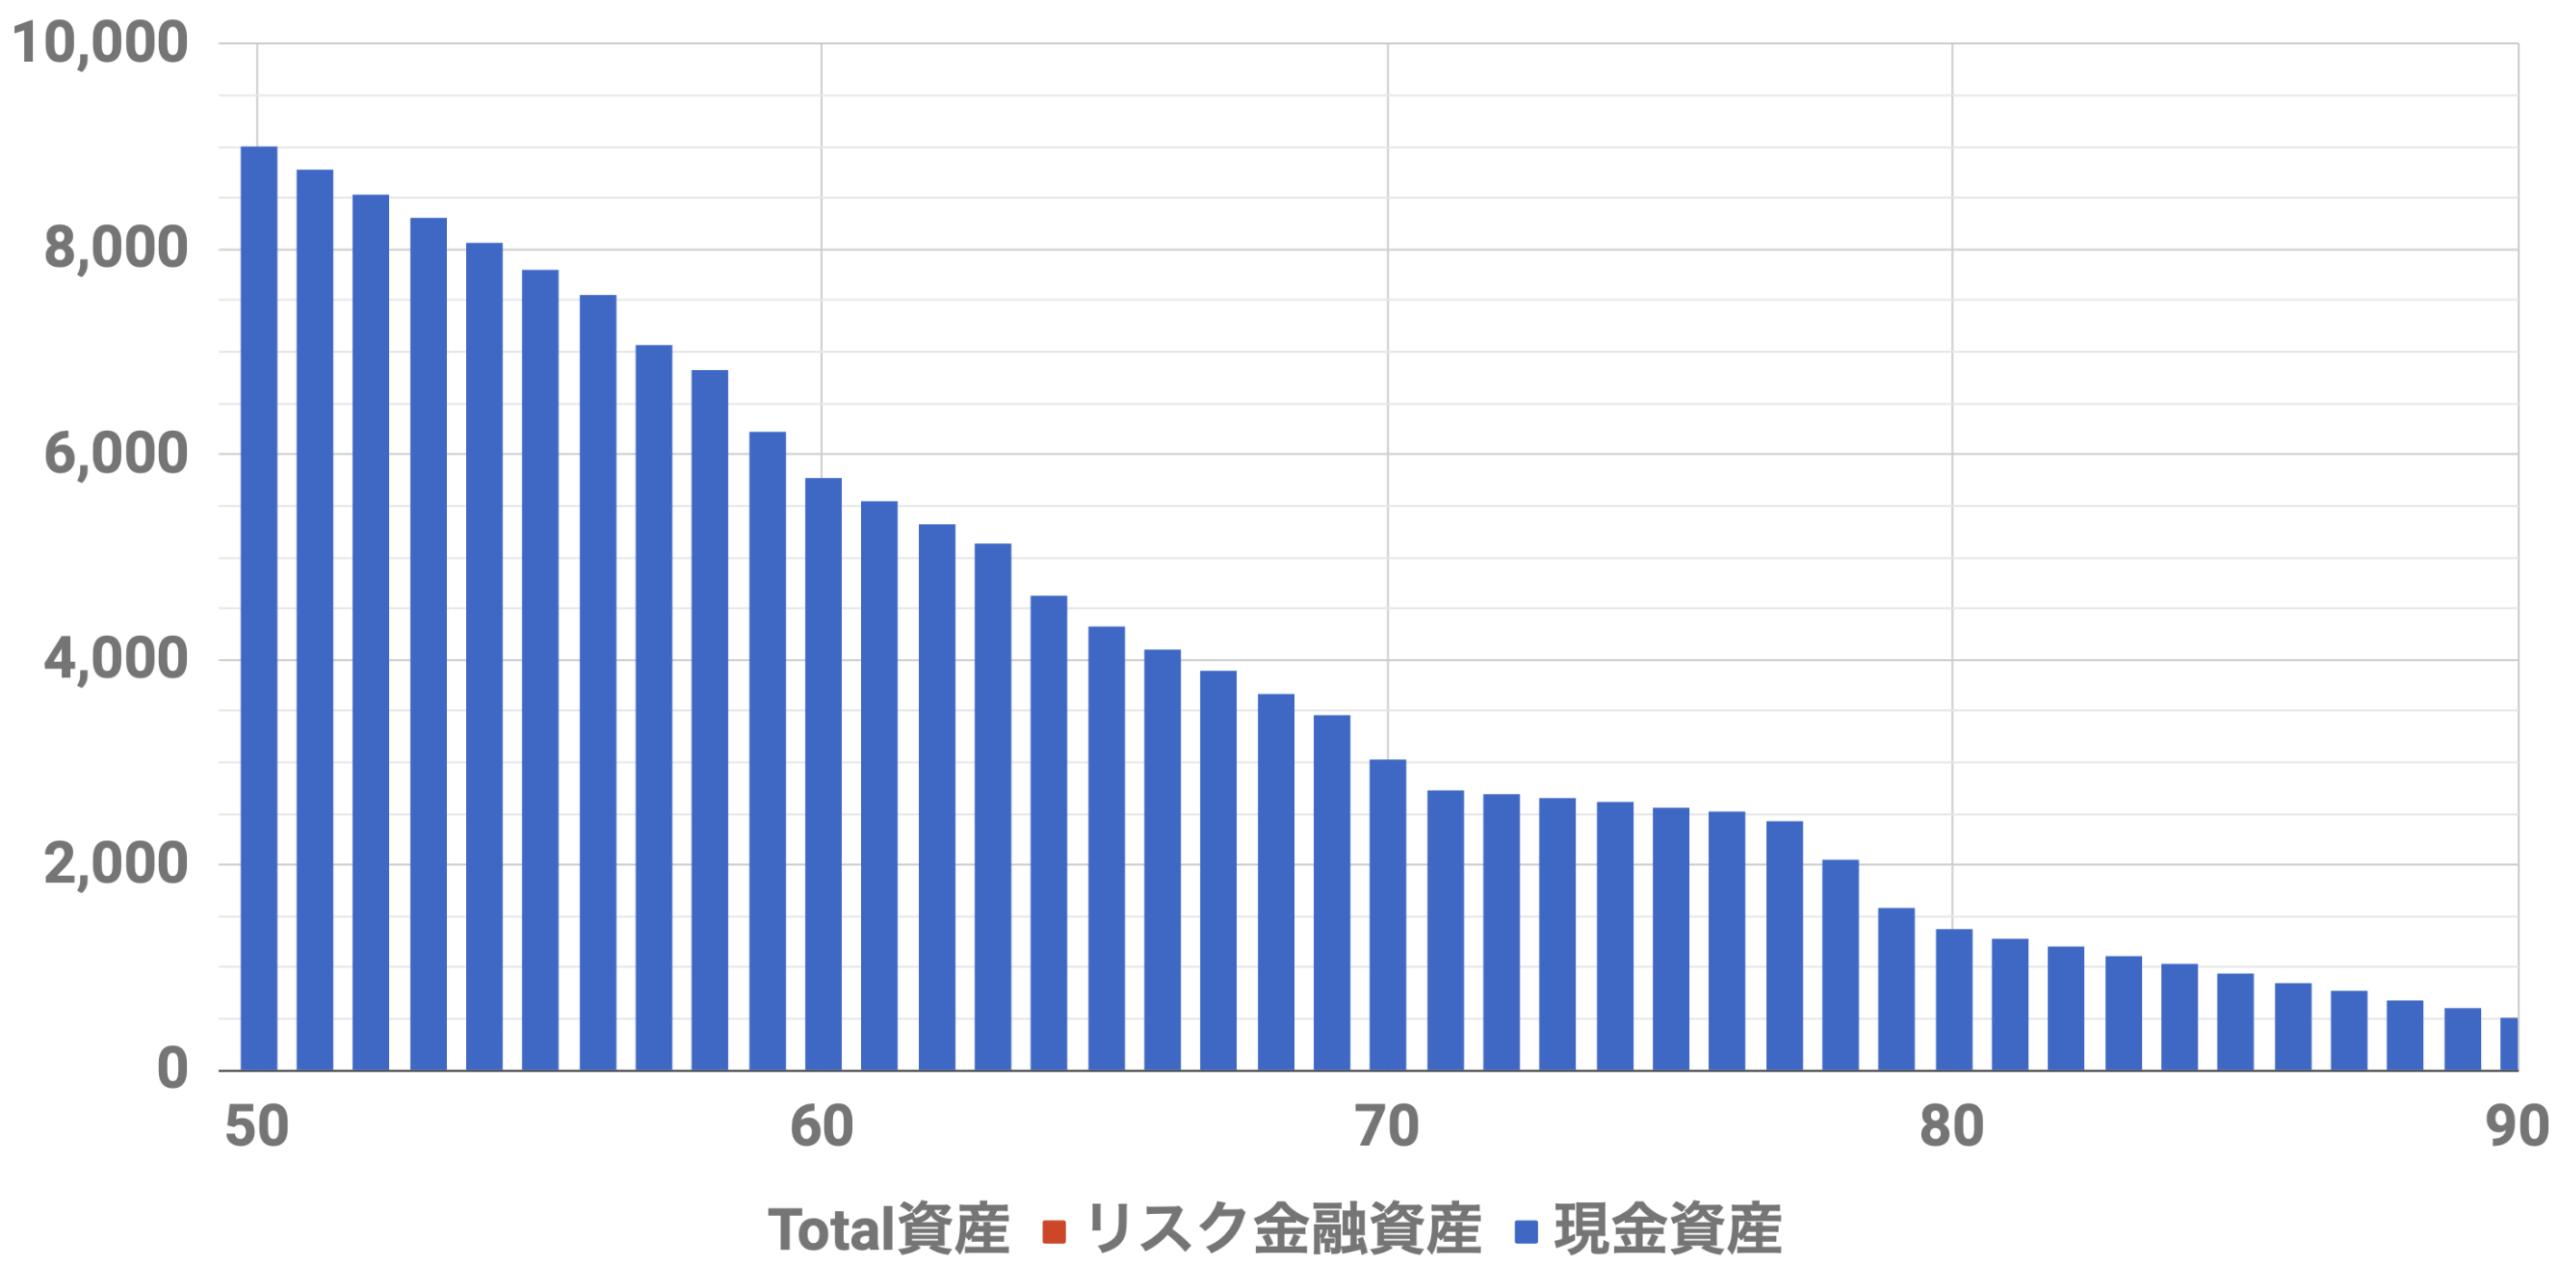 50歳9000万資産シミュレーション(Level4)